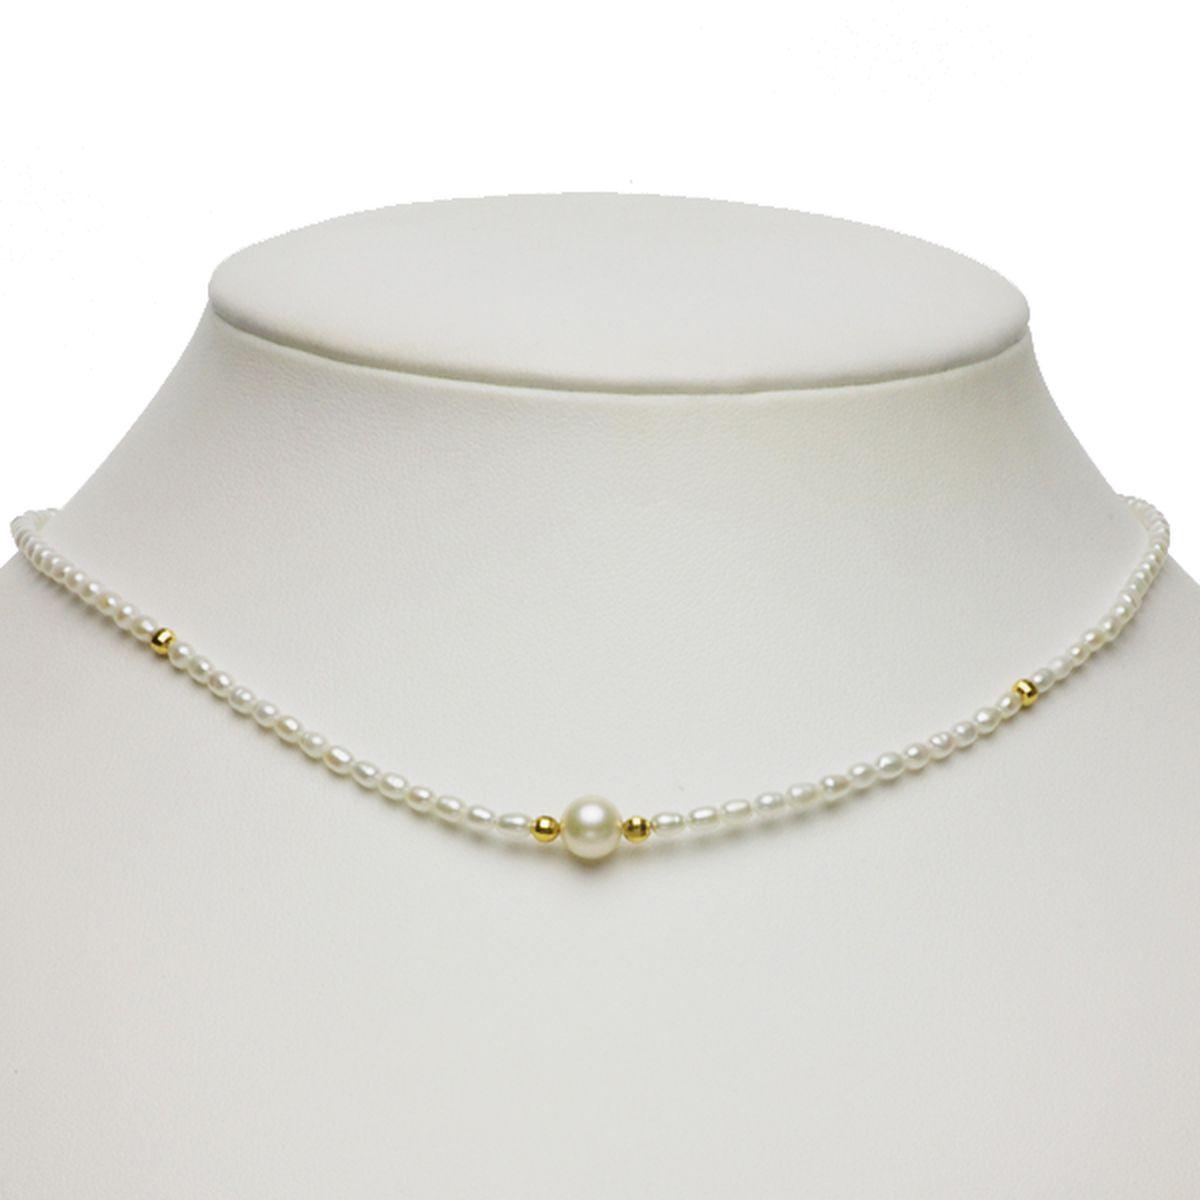 淡水真珠オリジナルデザインネックレス 約2.5-3.0mmの写真